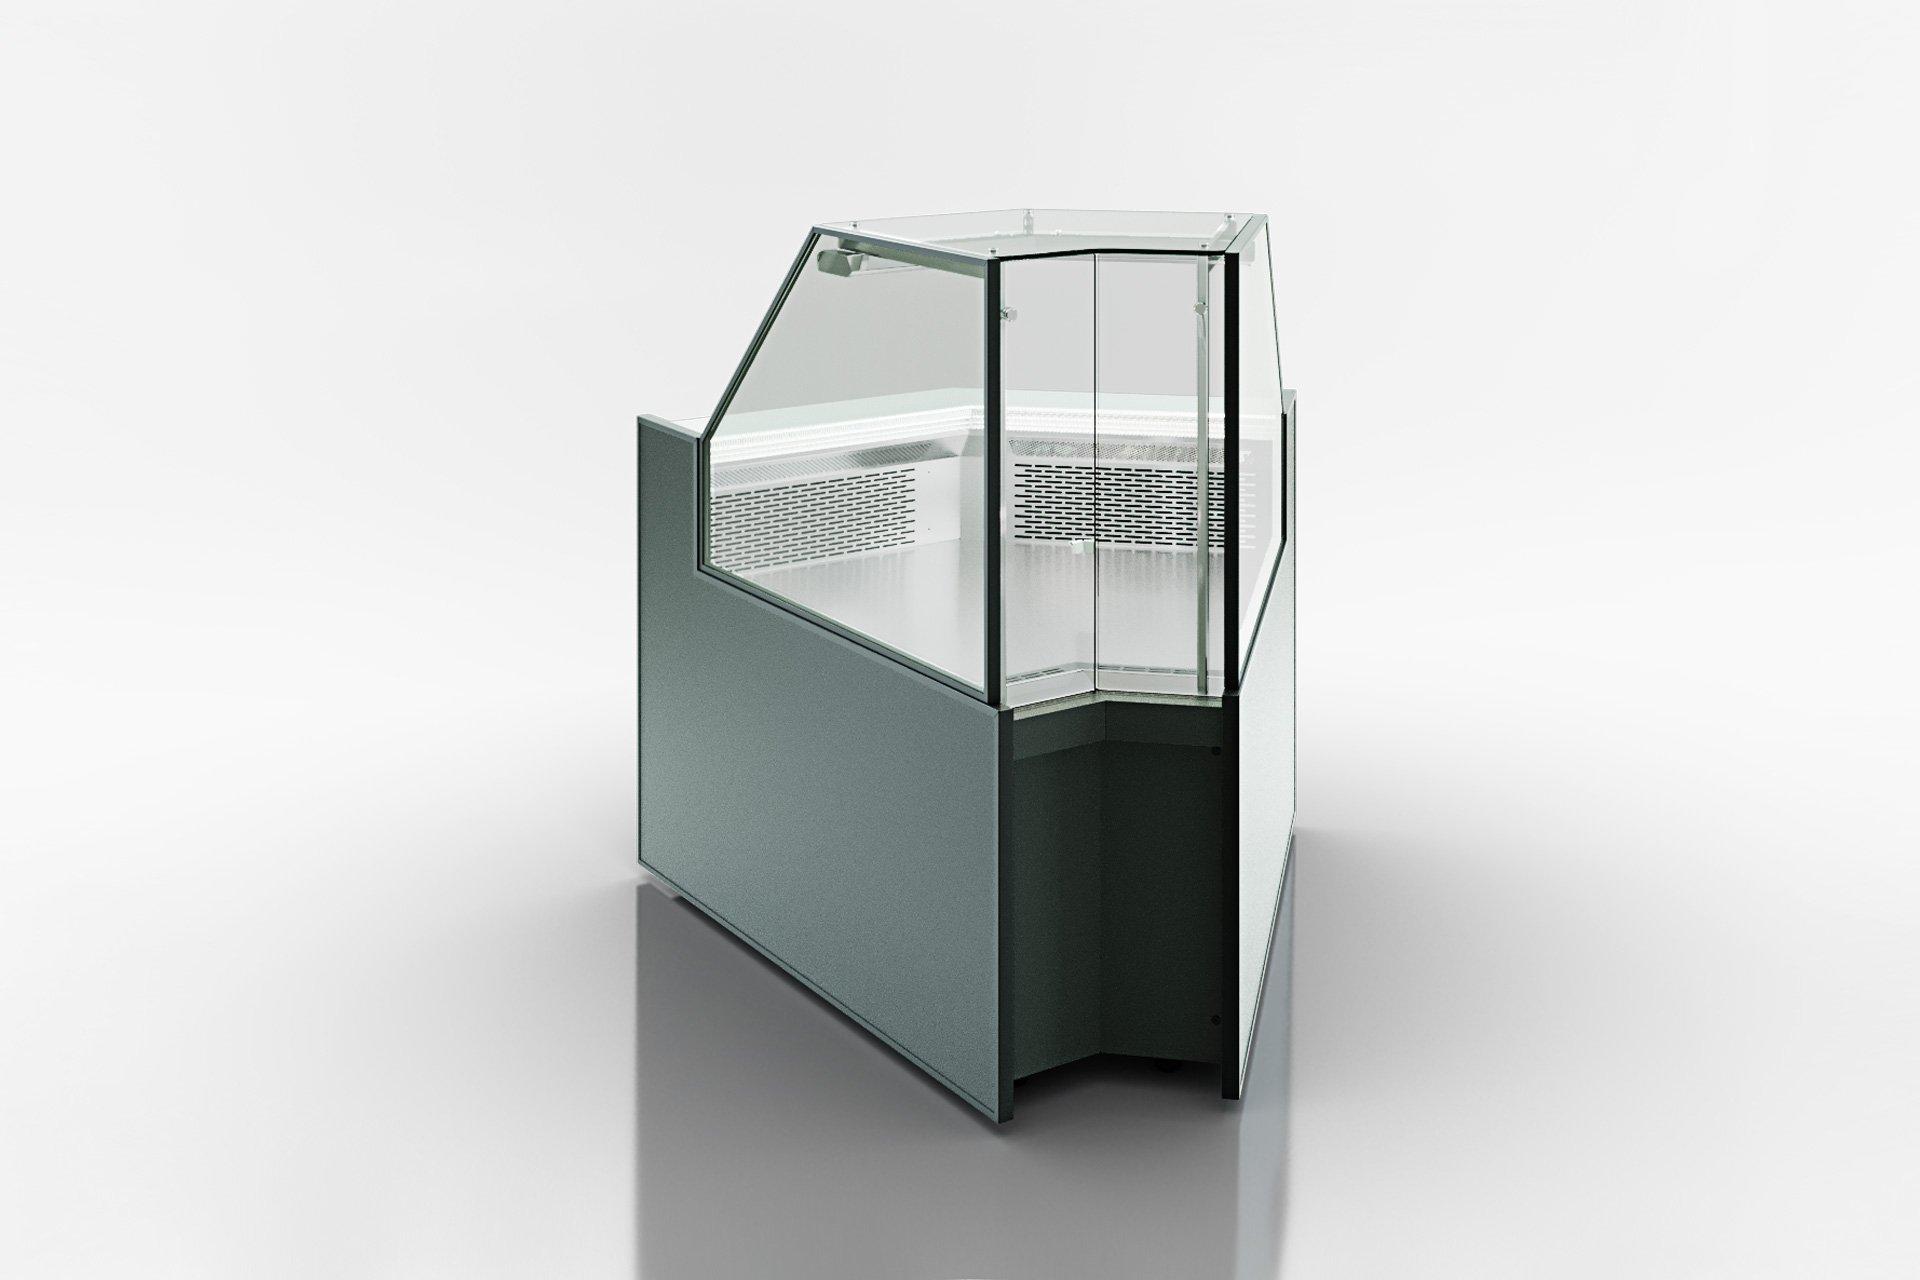 Кутові елементи холодильних вітрин Missouri MC 120 deli PP 130-DLM-IS45